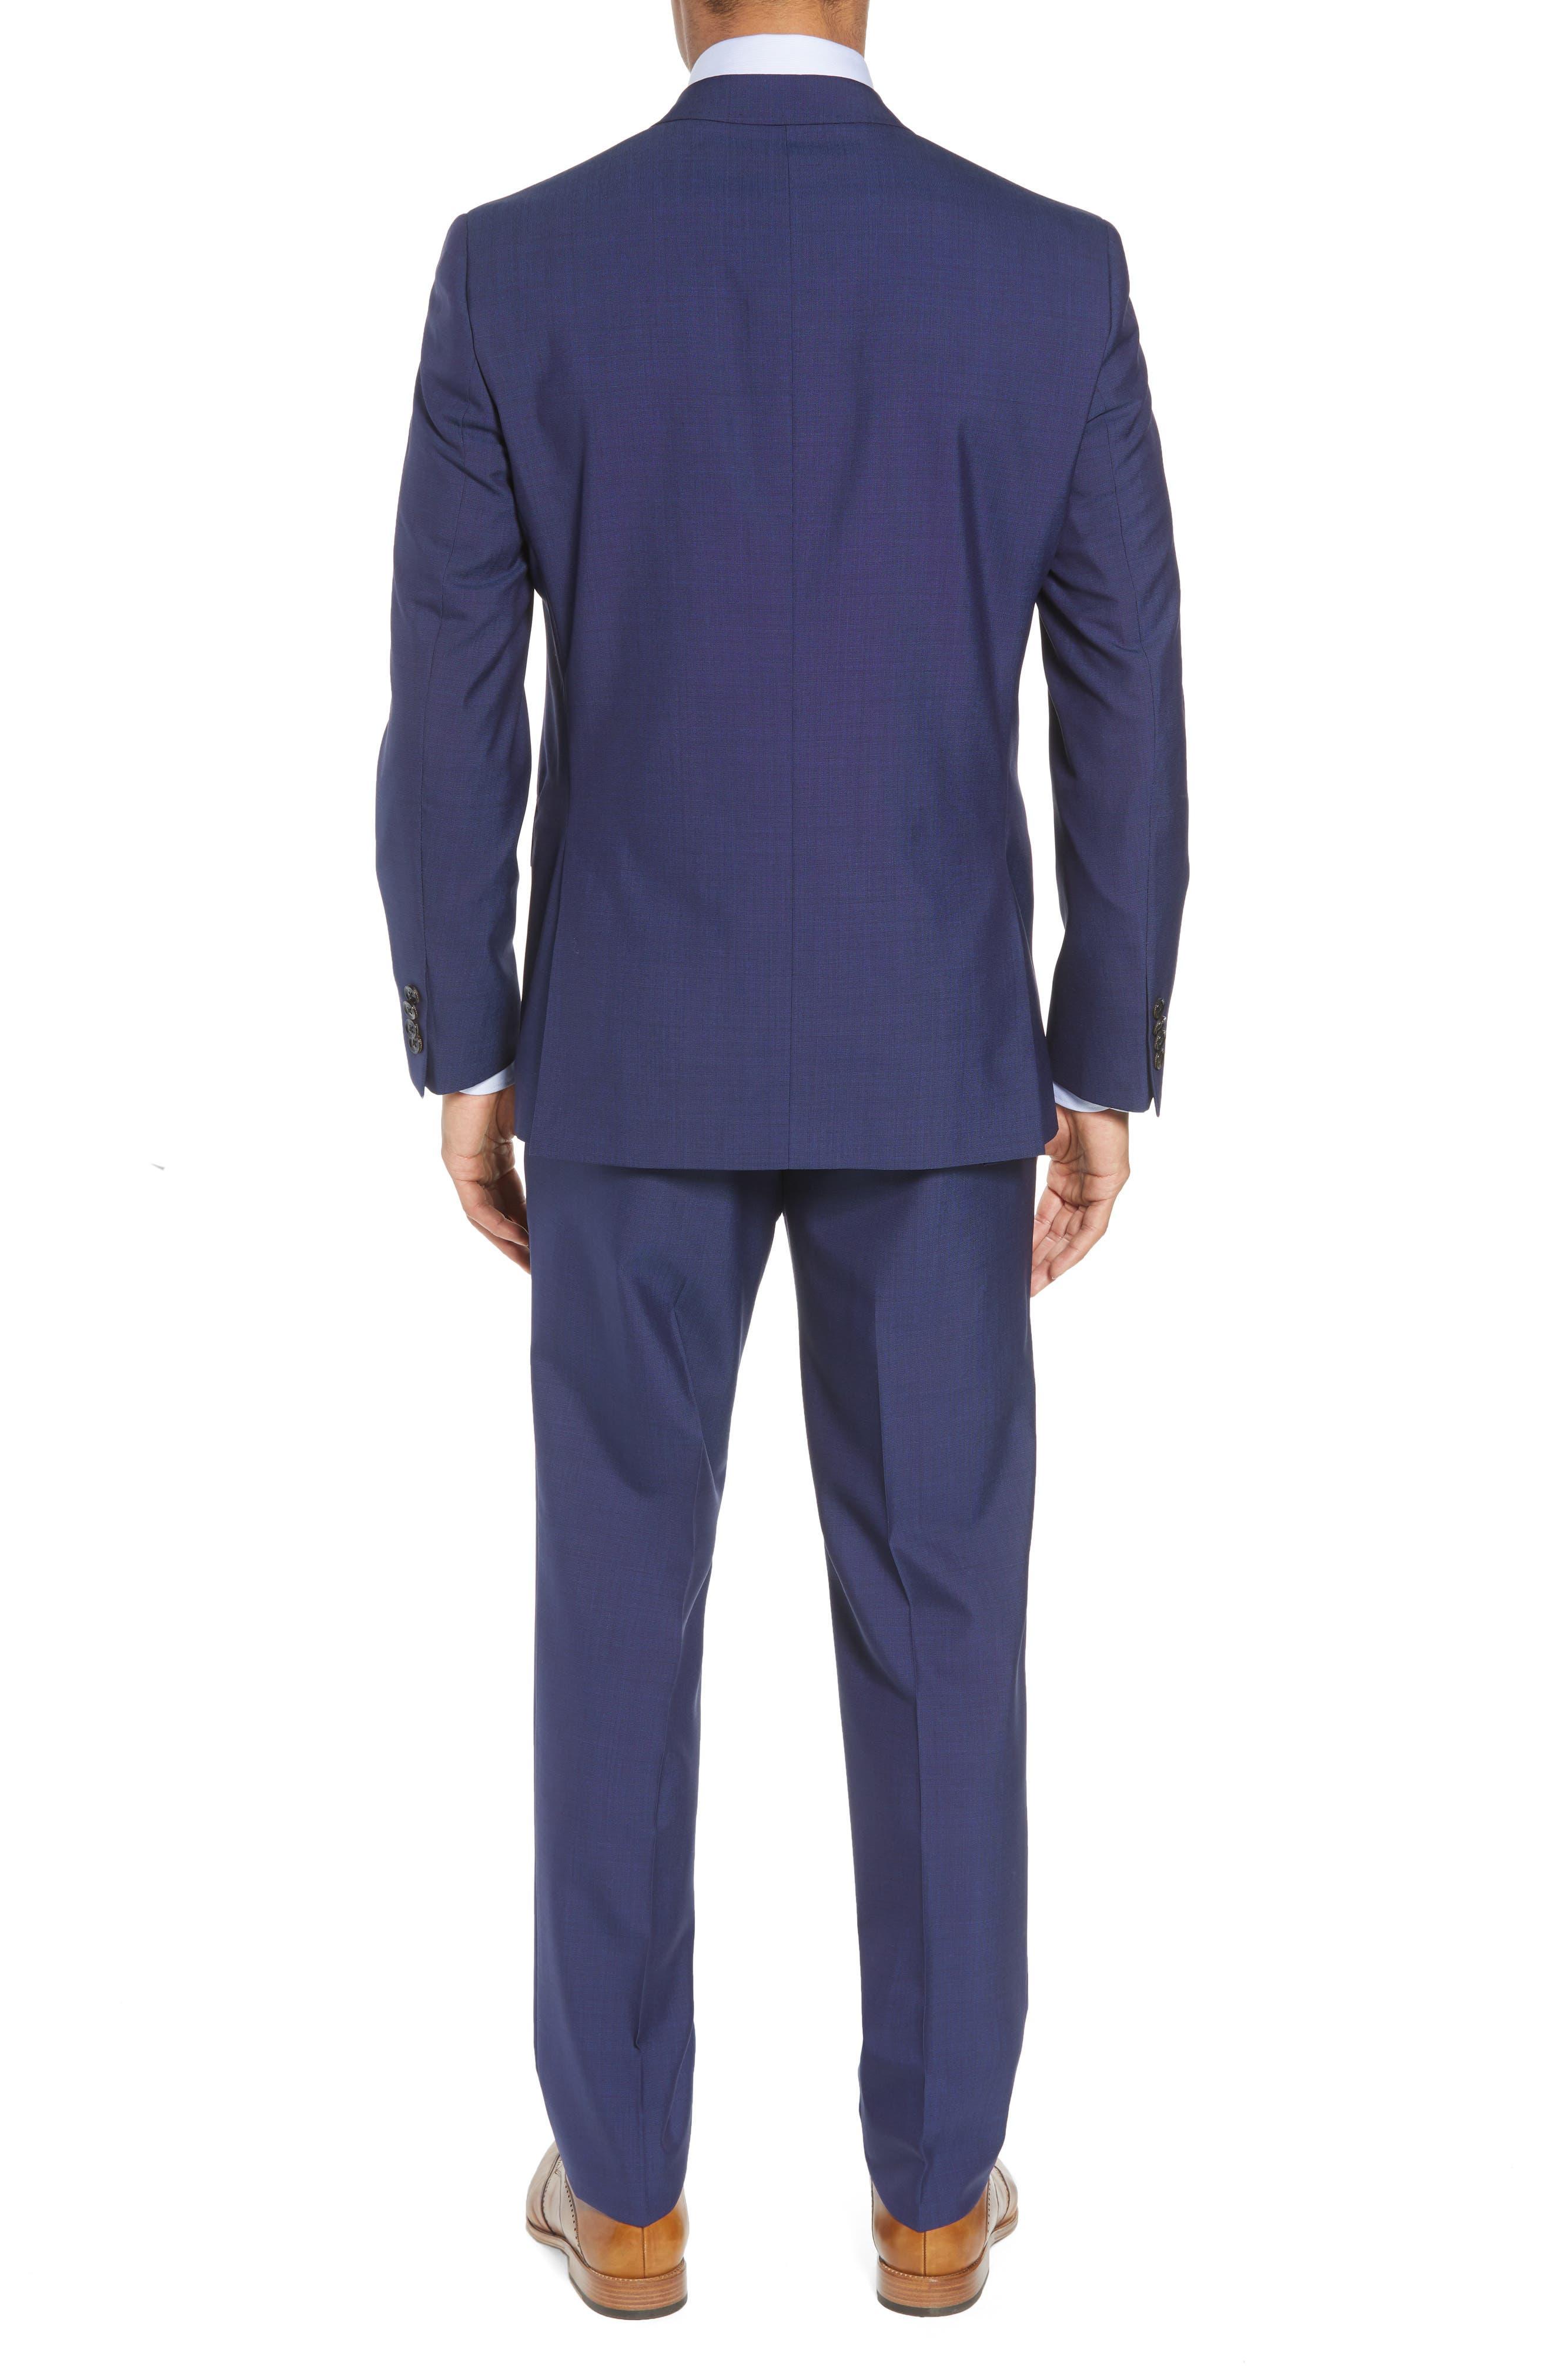 TED BAKER LONDON, Jay Trim Fit Suit, Alternate thumbnail 2, color, BLUE